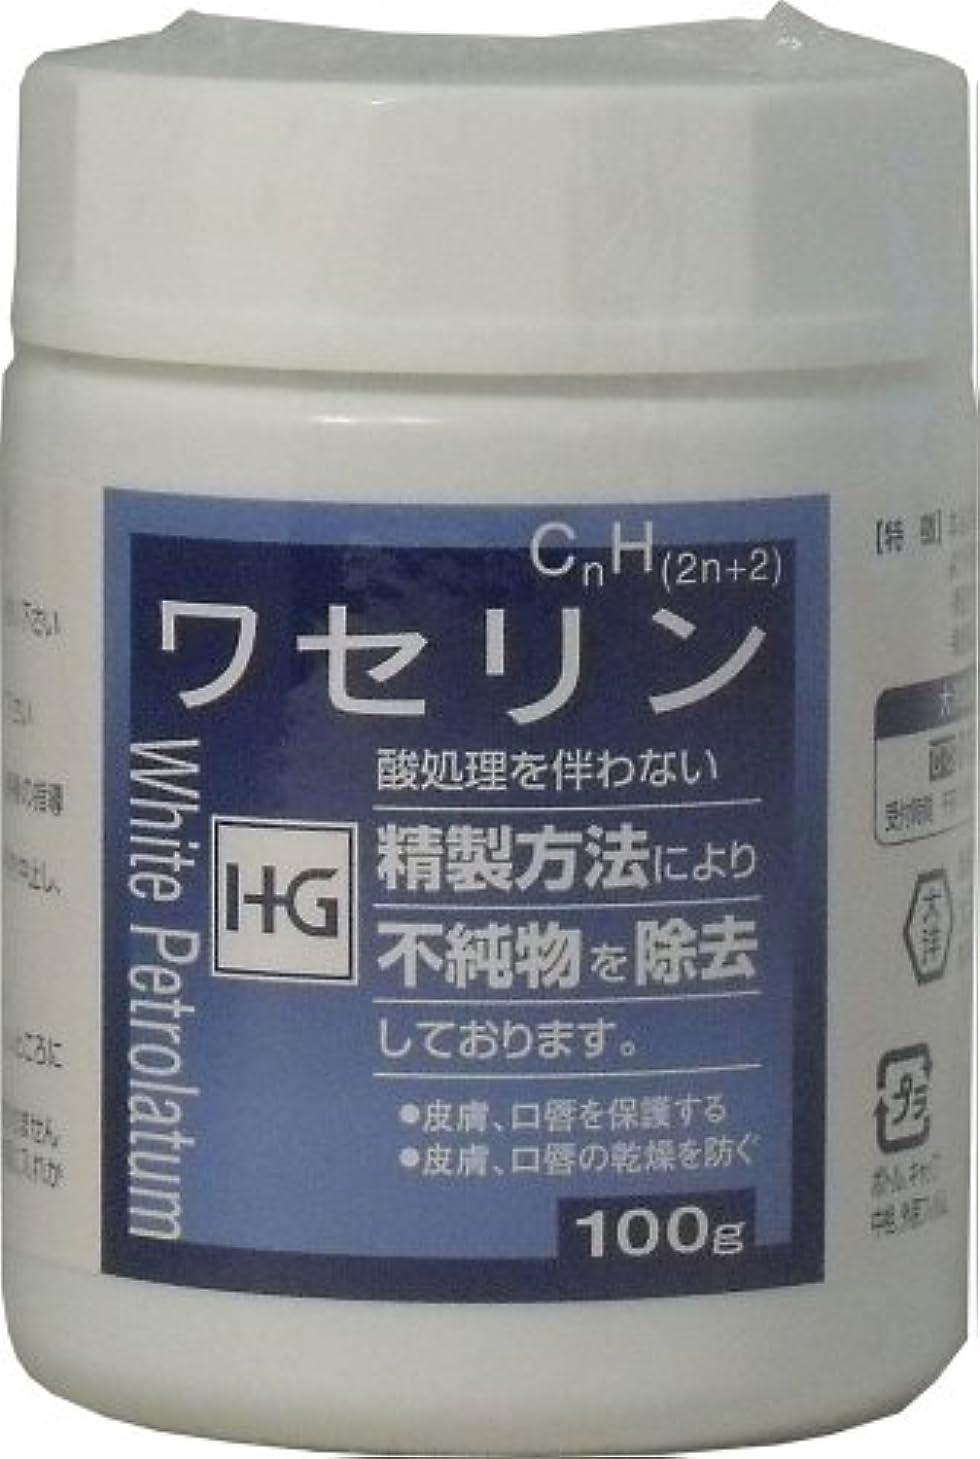 世界うつチューブ皮膚保護 ワセリンHG 100g